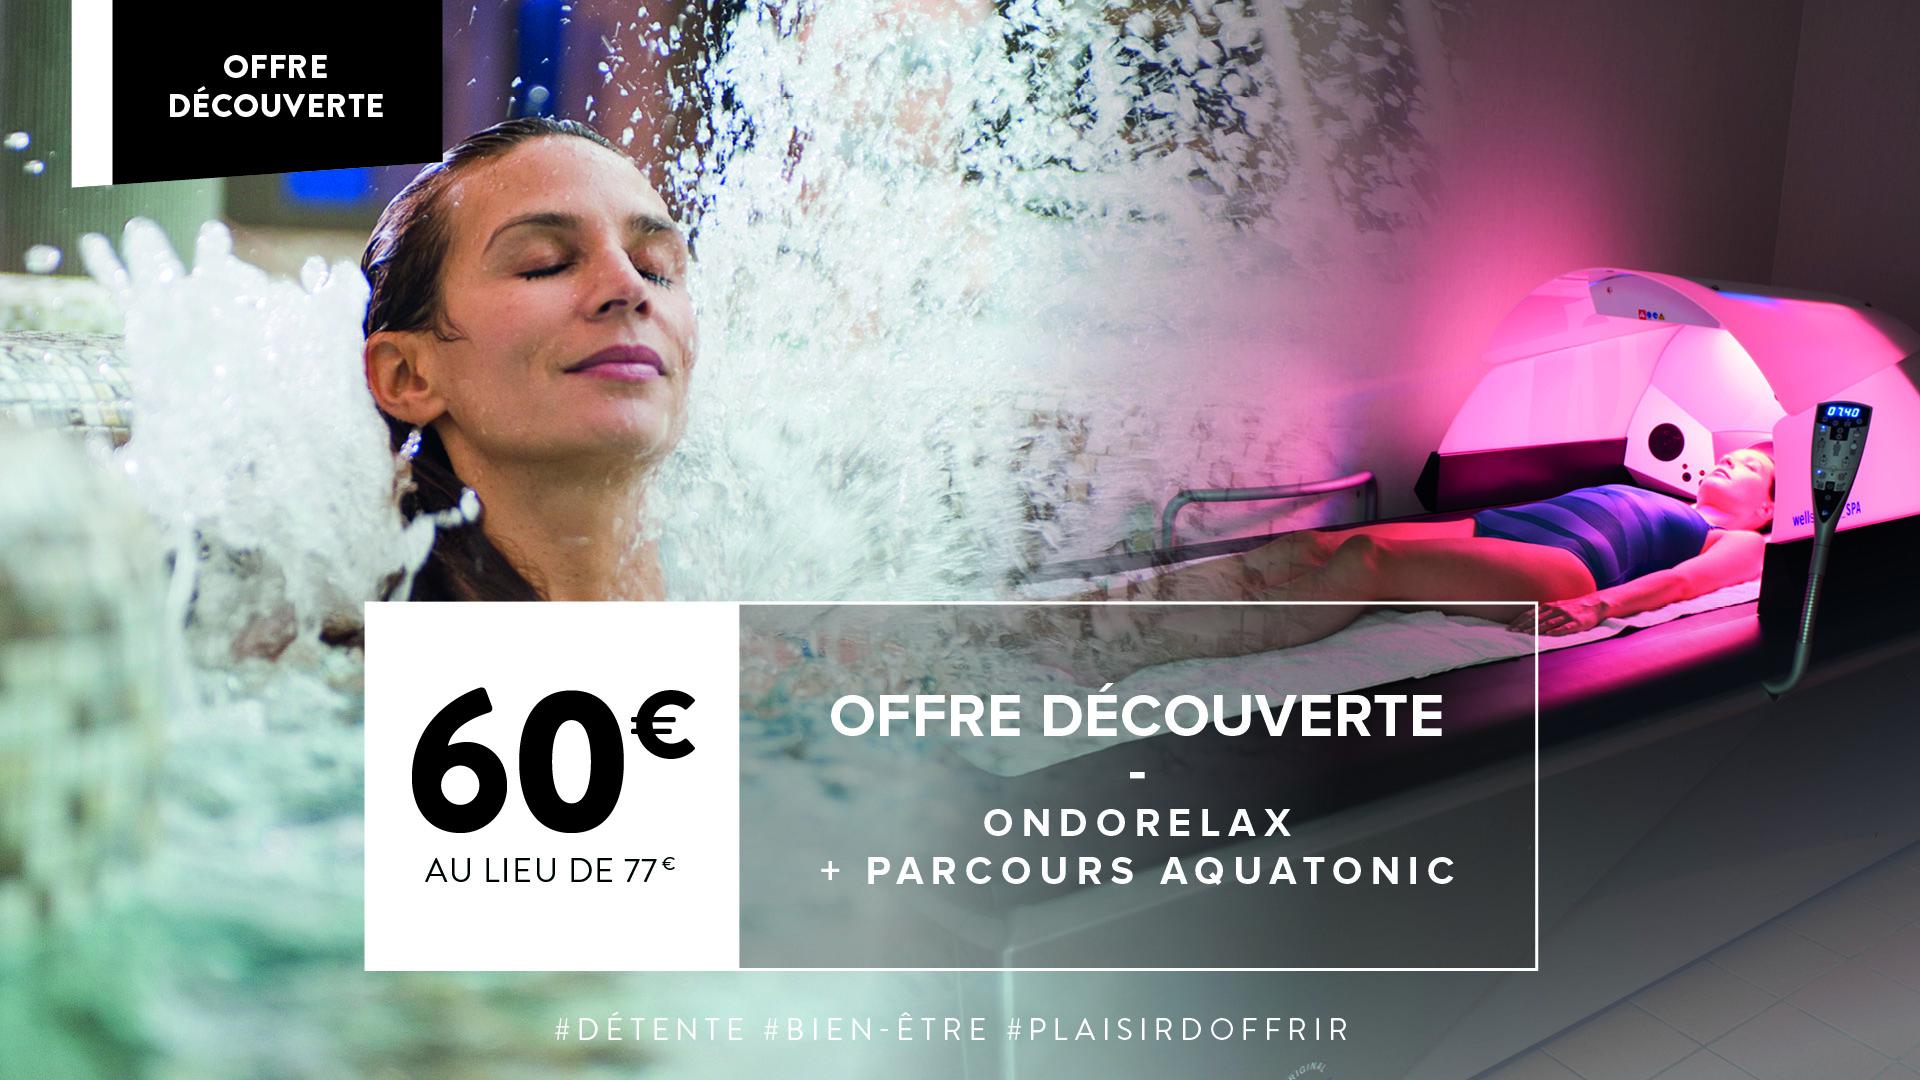 Offre Découverte Ondorelax + Parcours Aquatonic 1